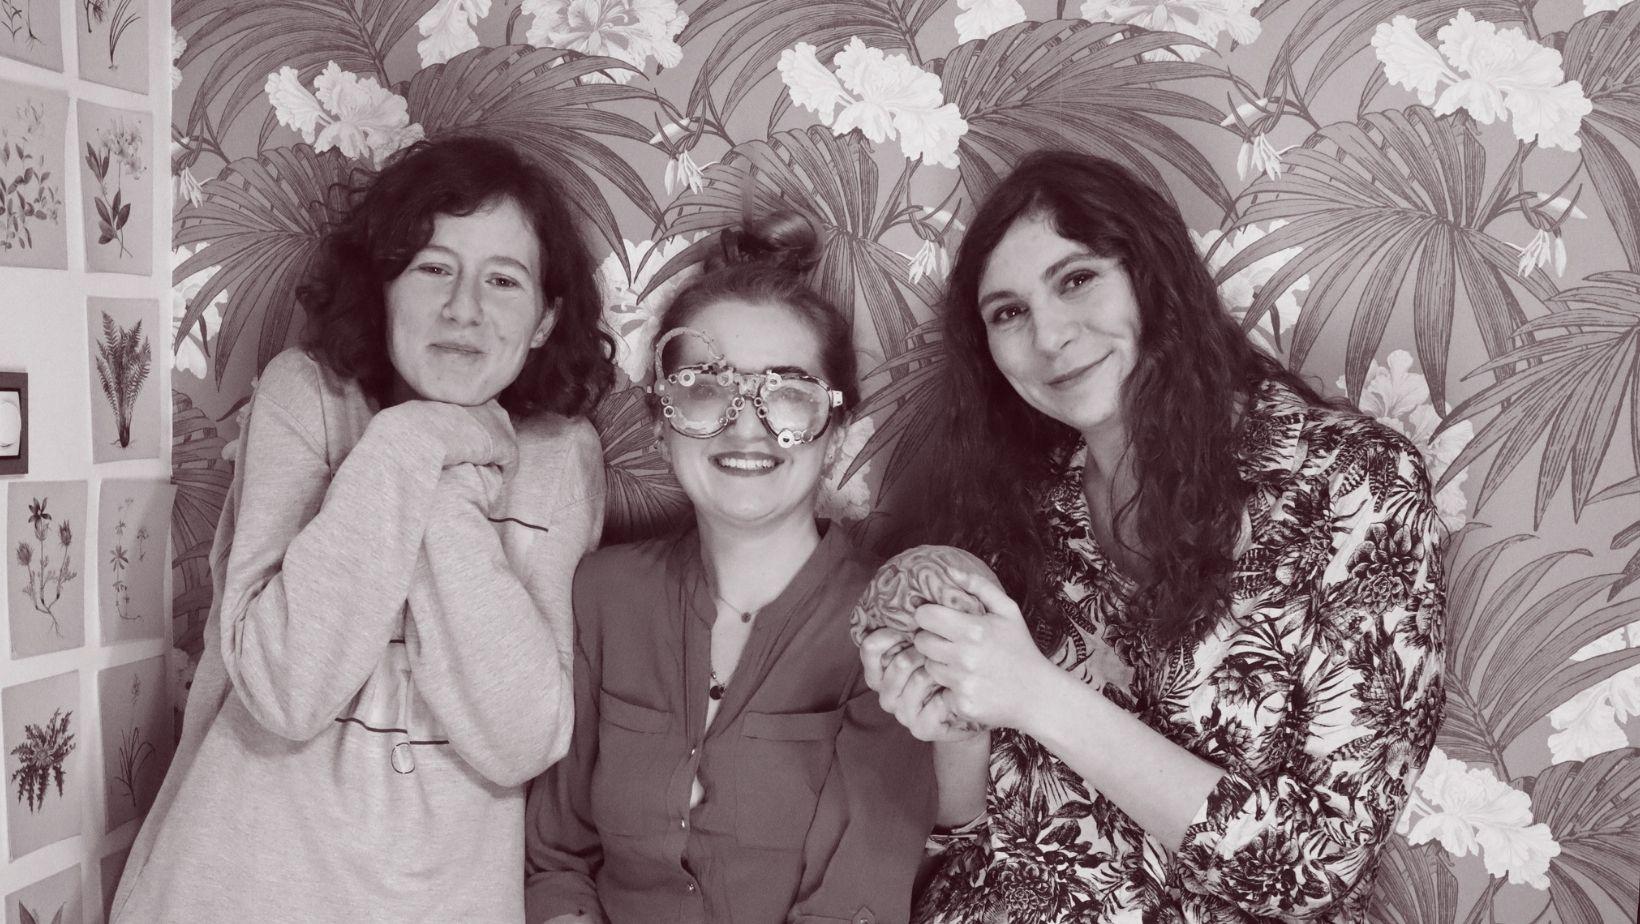 czarno białe zdjęcie, trzy młode uśmiechnięte kobiety na tle ściany w roślinne motywy.